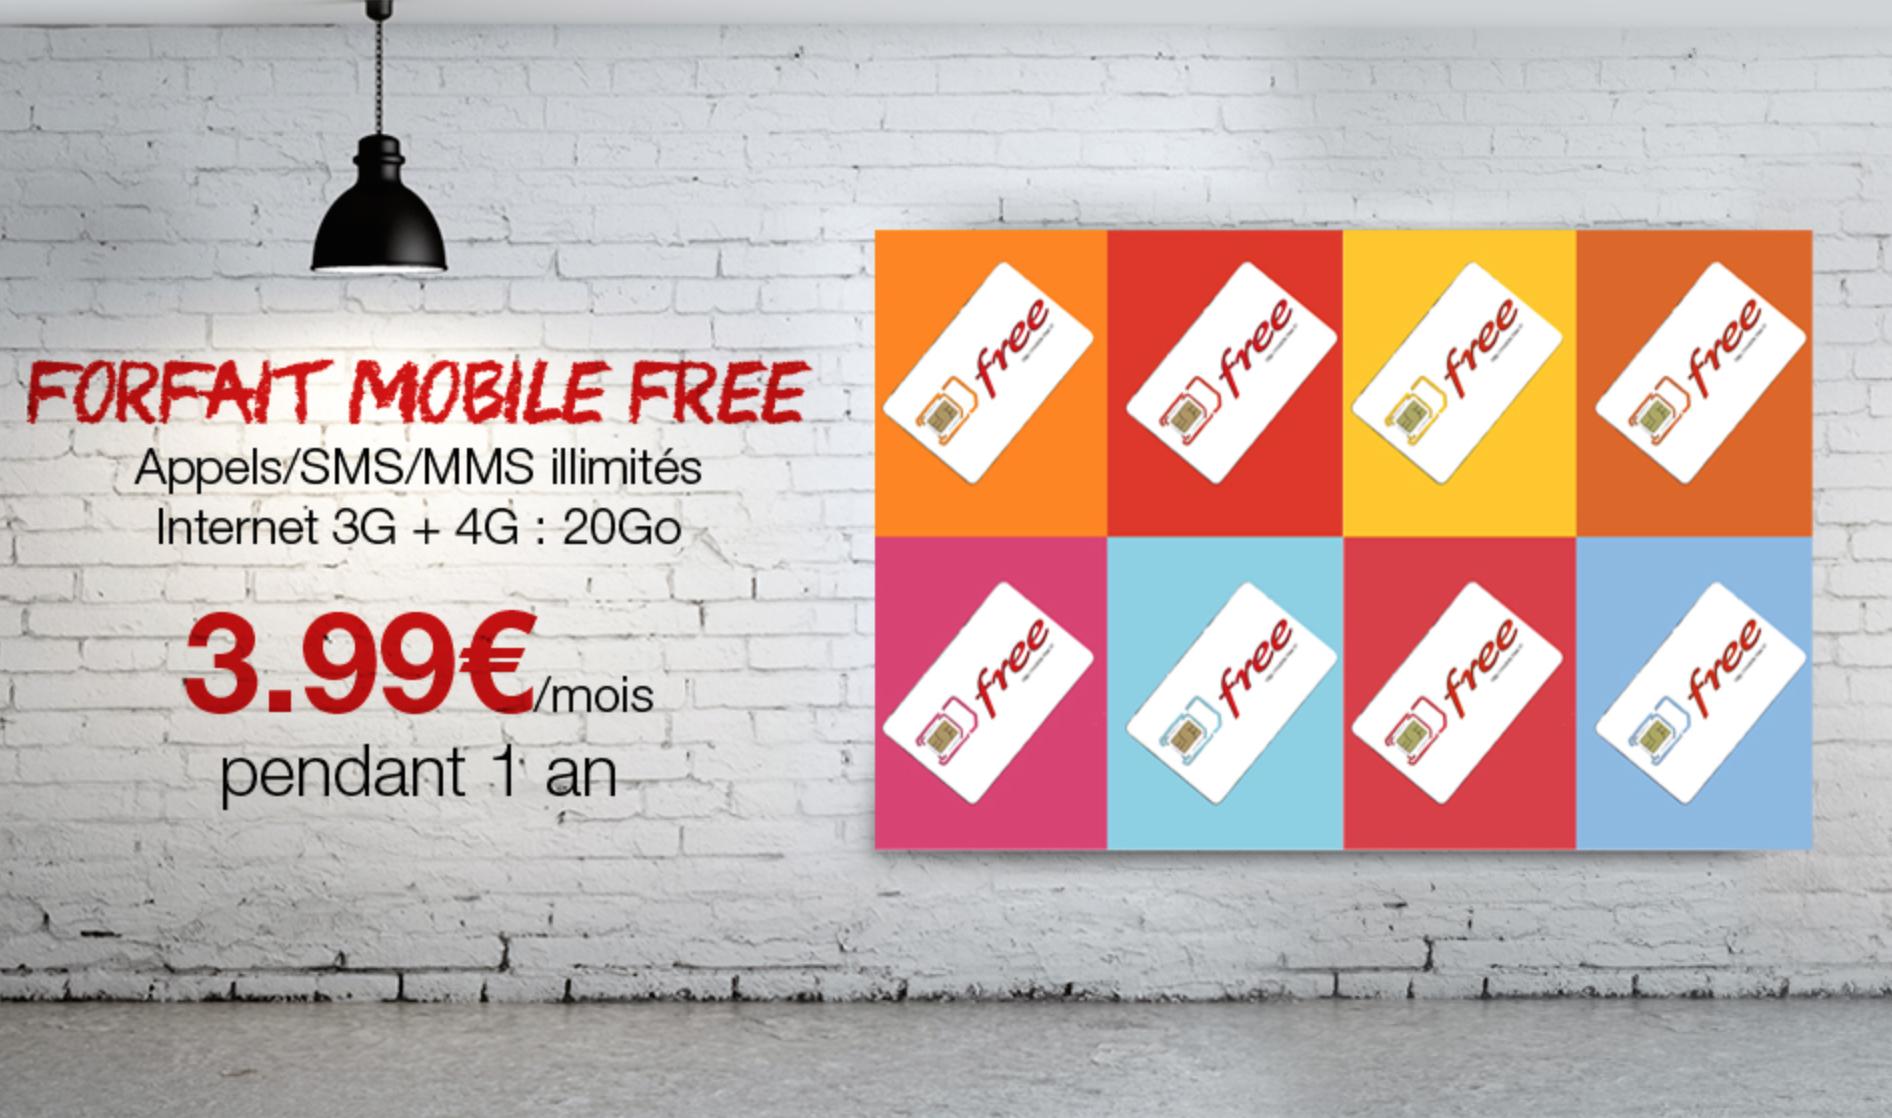 Le forfait free mobile 3 99 mois pendant un an sur vente priv e - Vente privee television ...